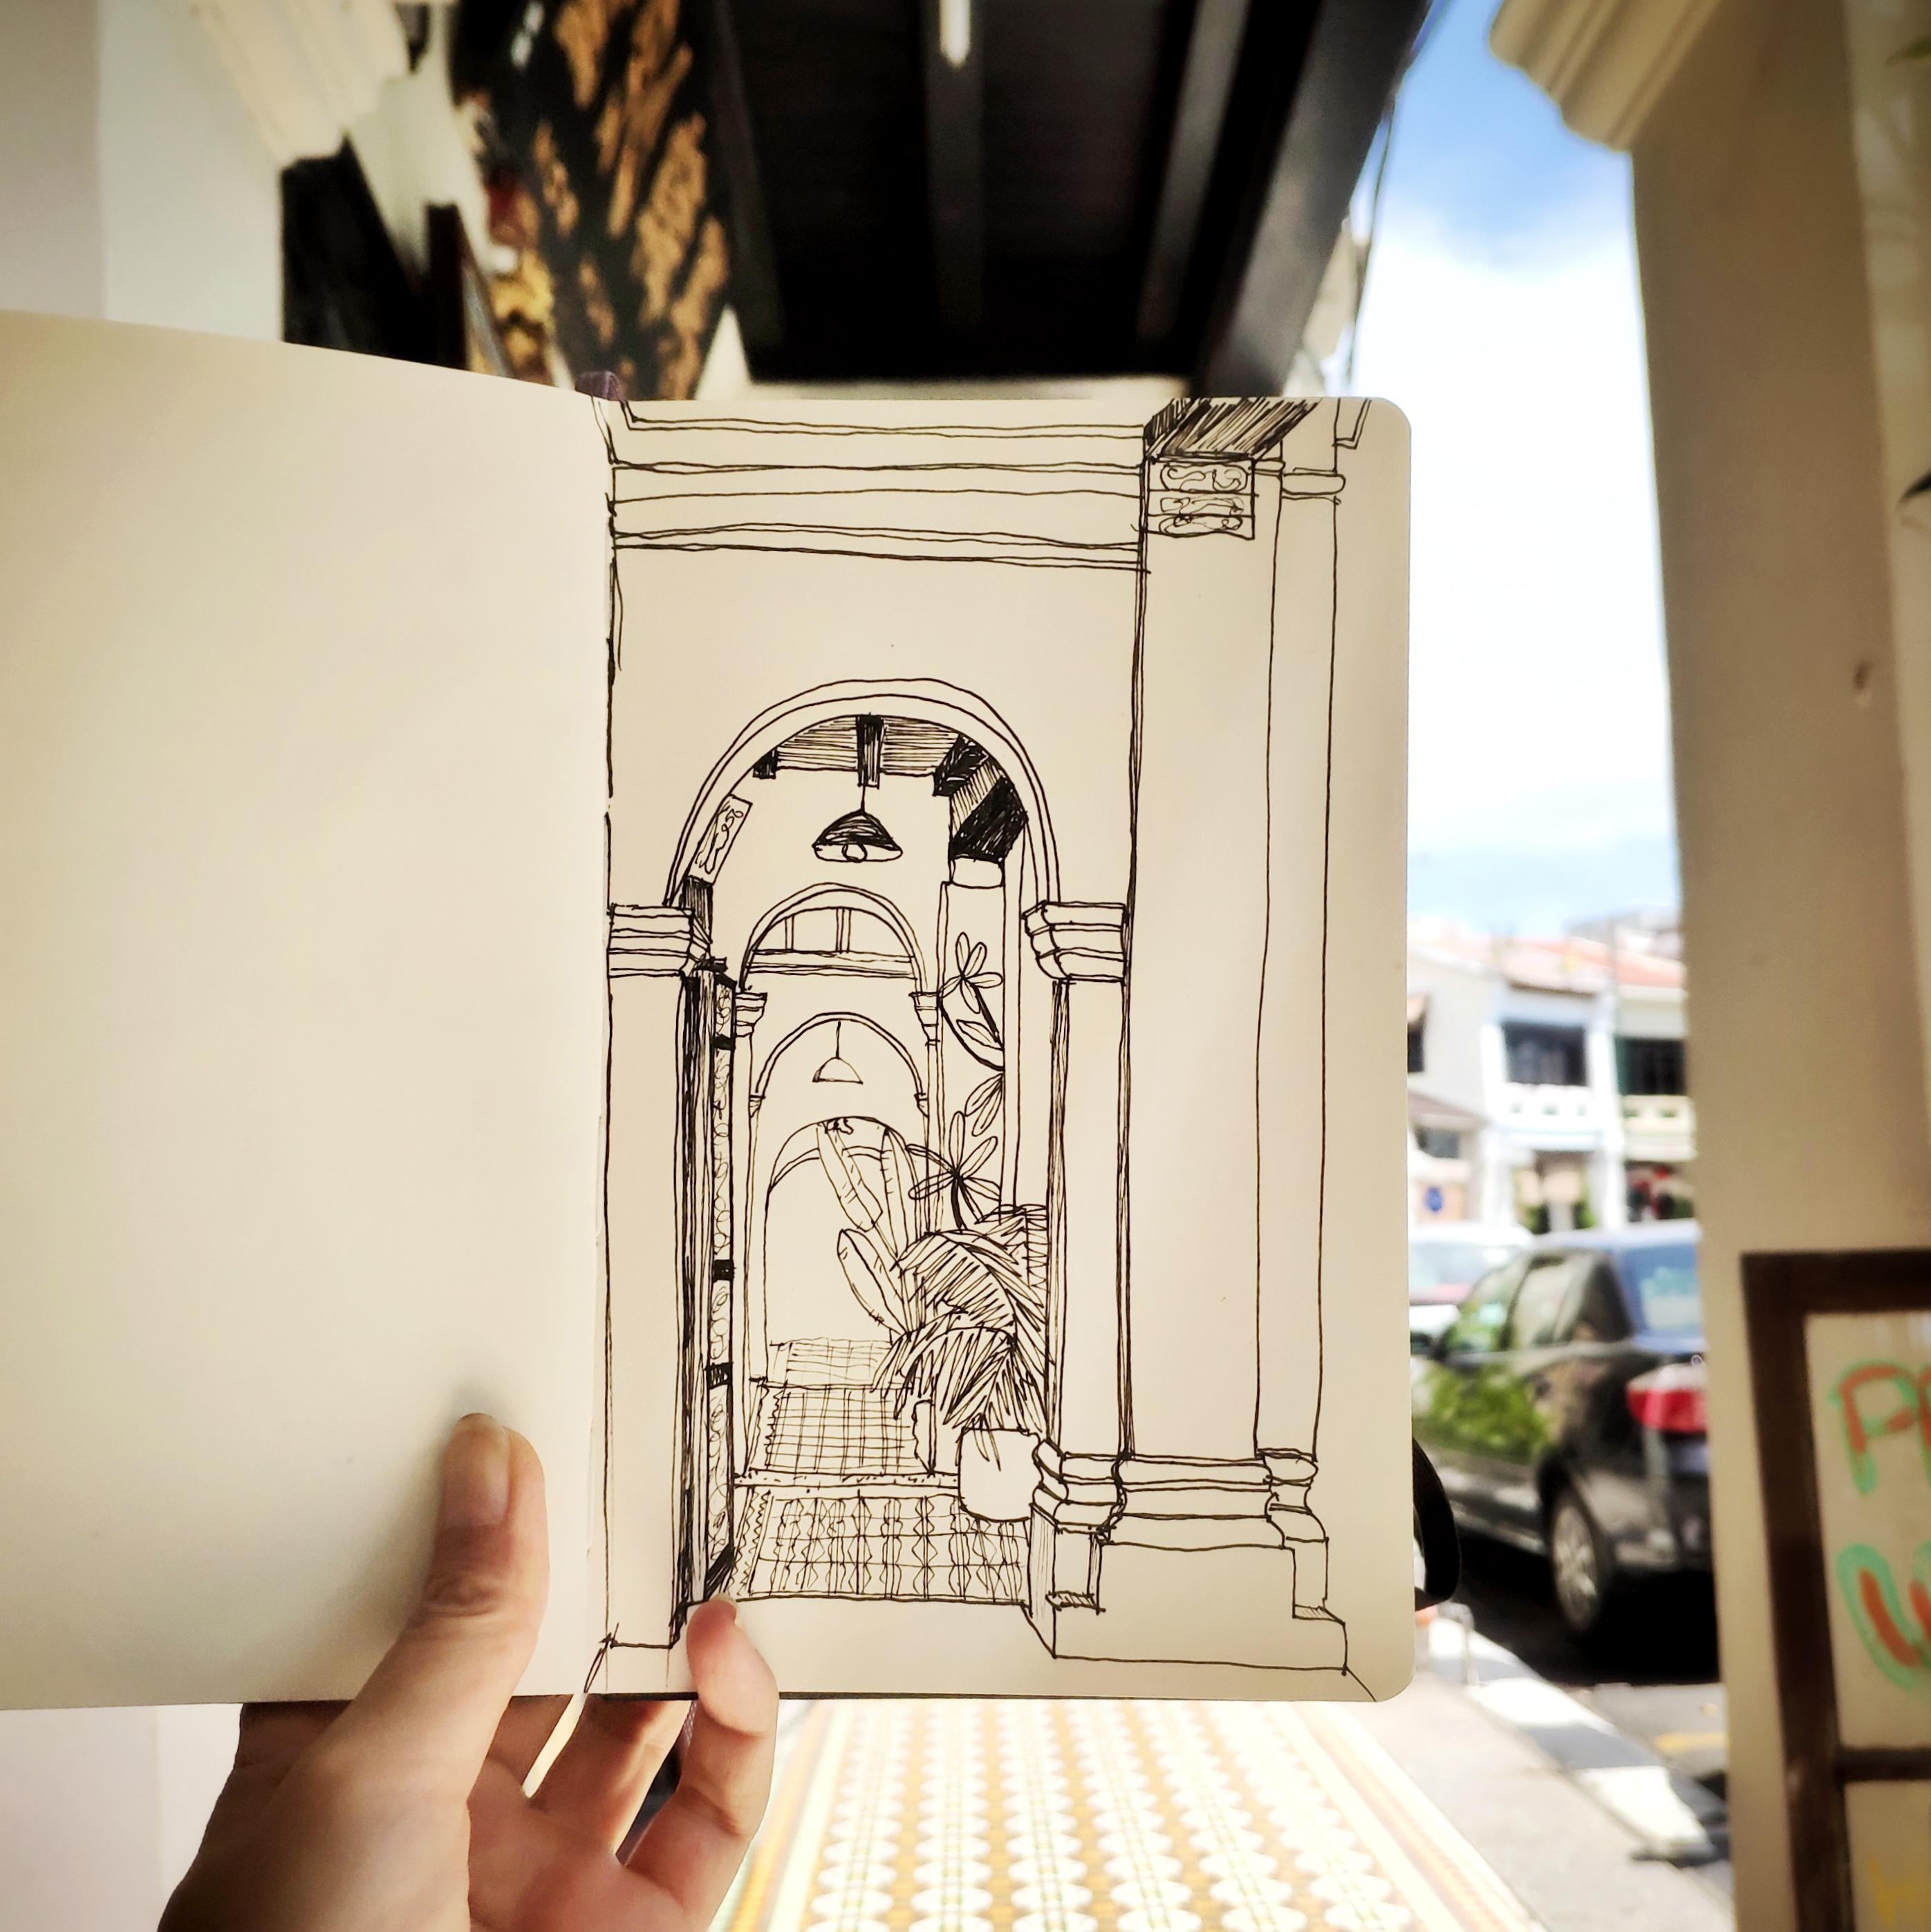 Time captured in my moleskine sketchbook